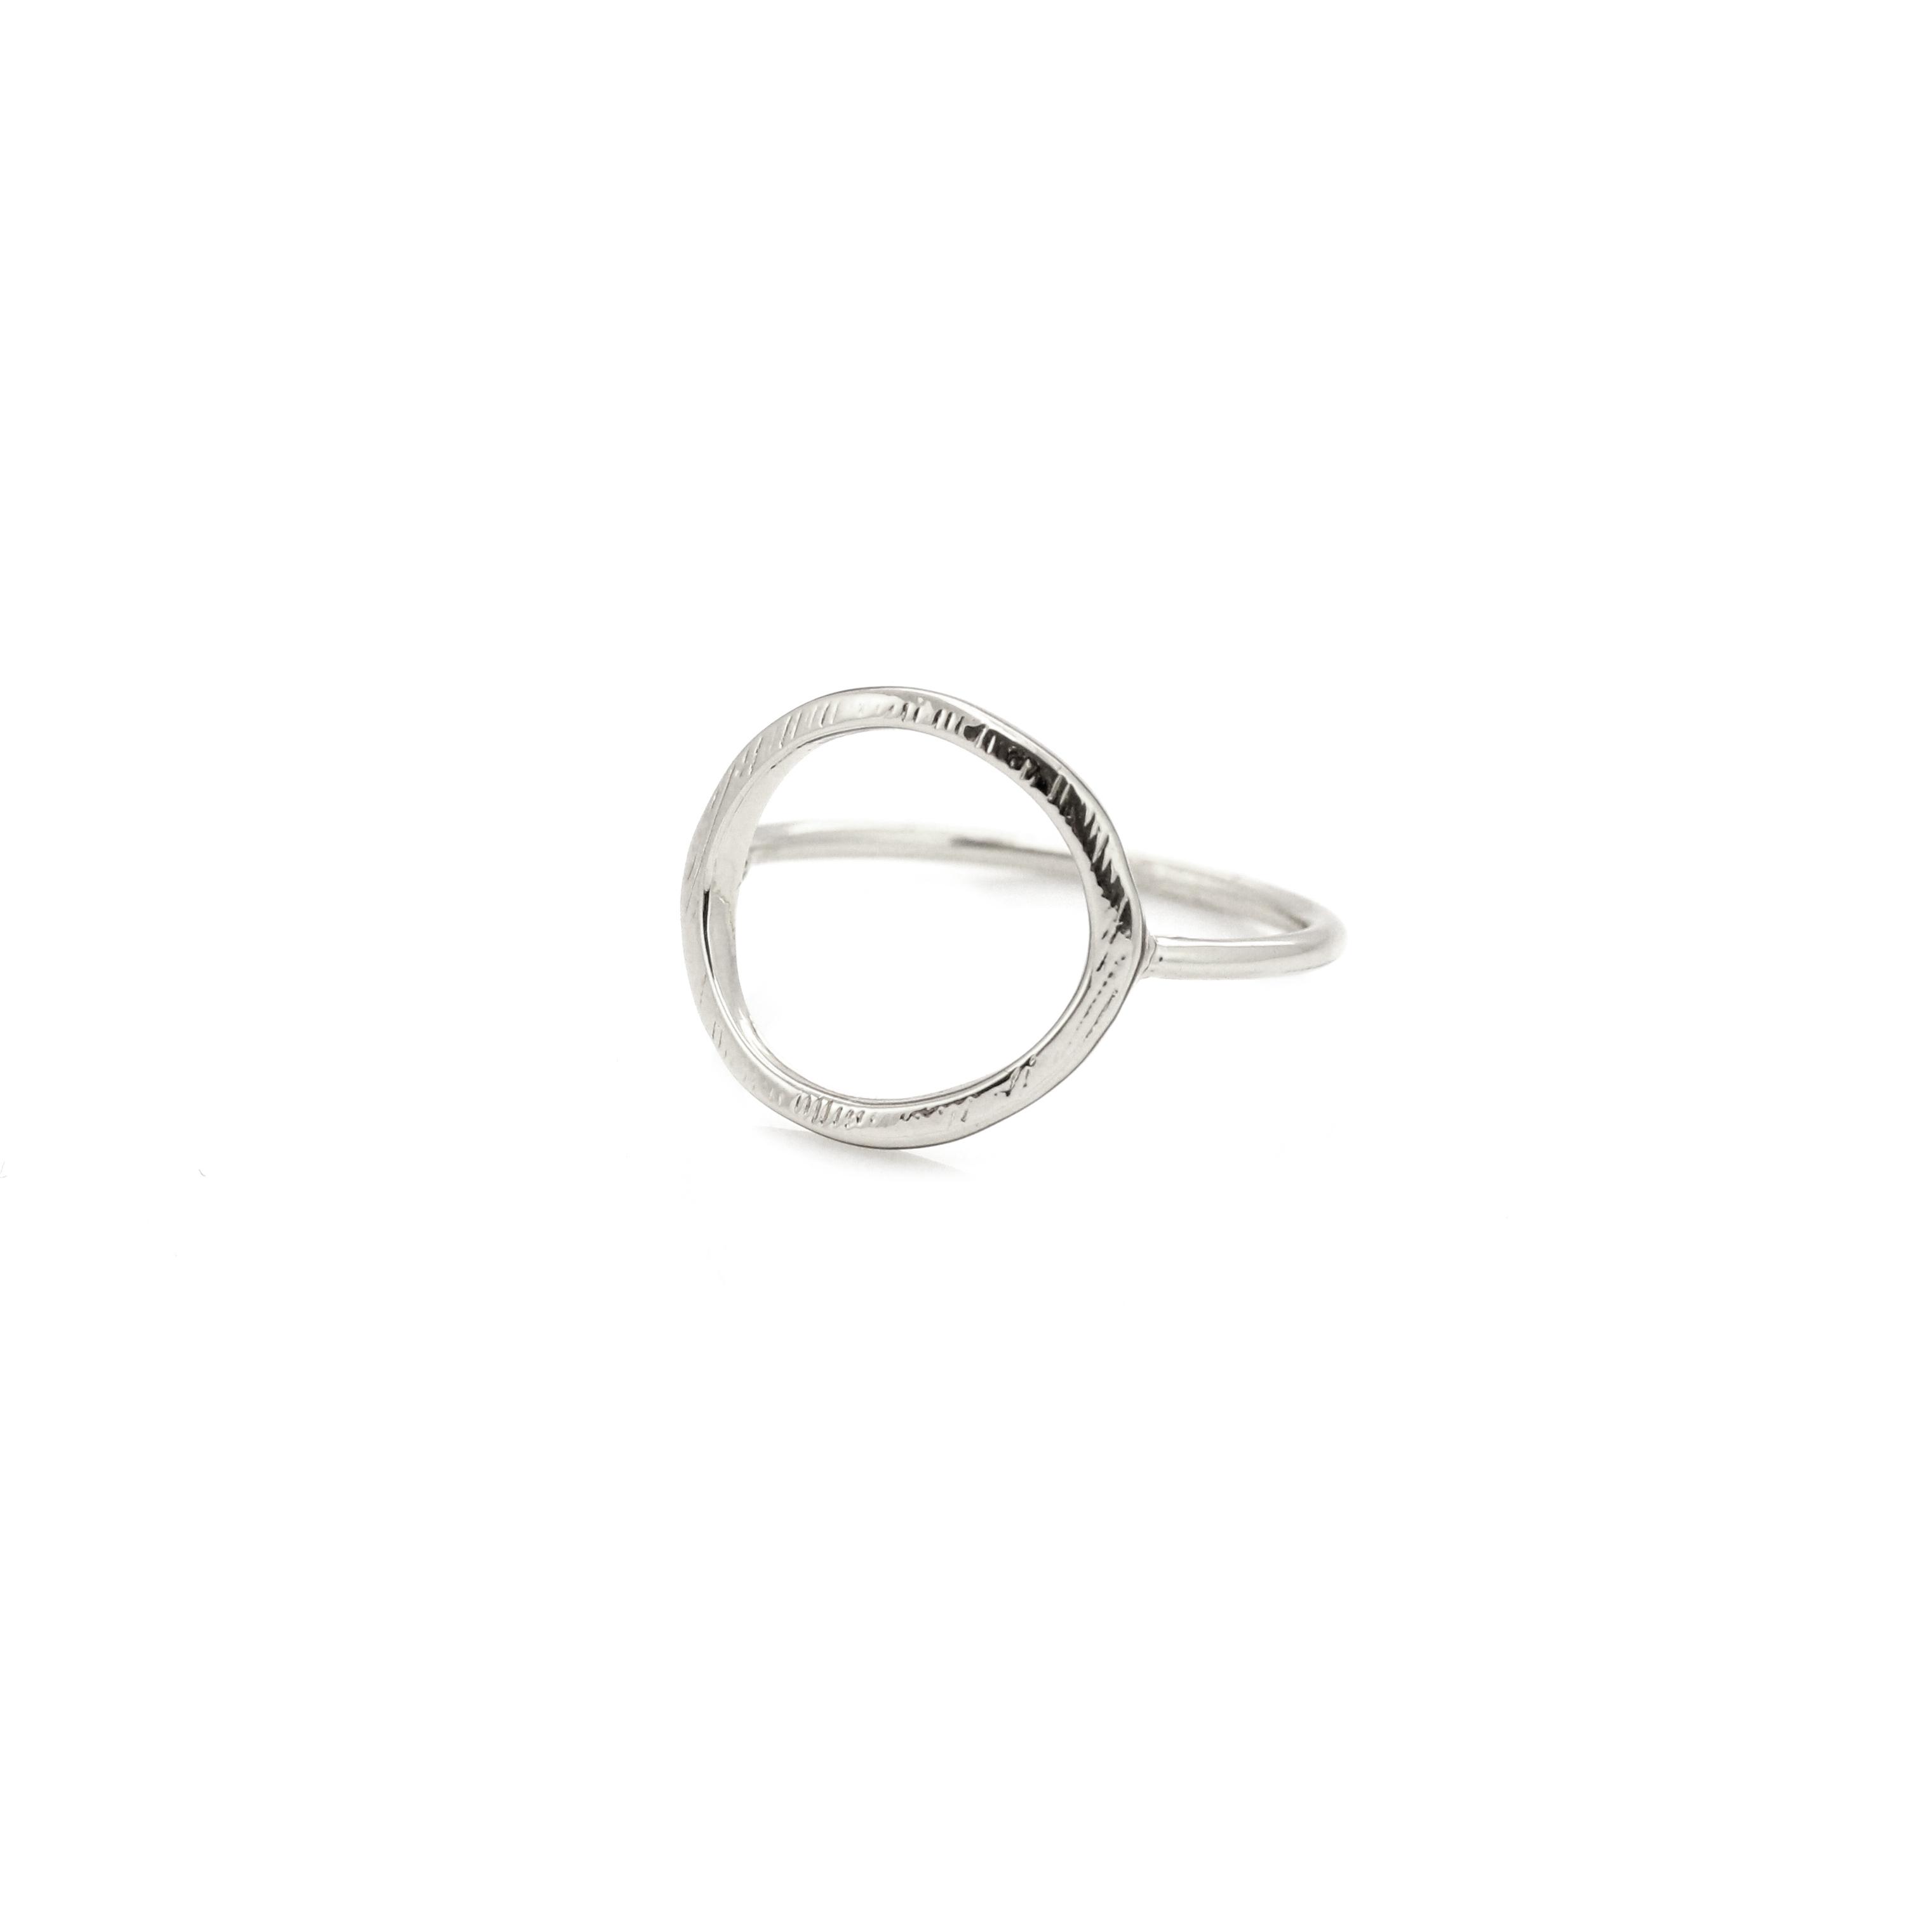 Silber Ring mit Kreis Circle MADELEINE ISSING